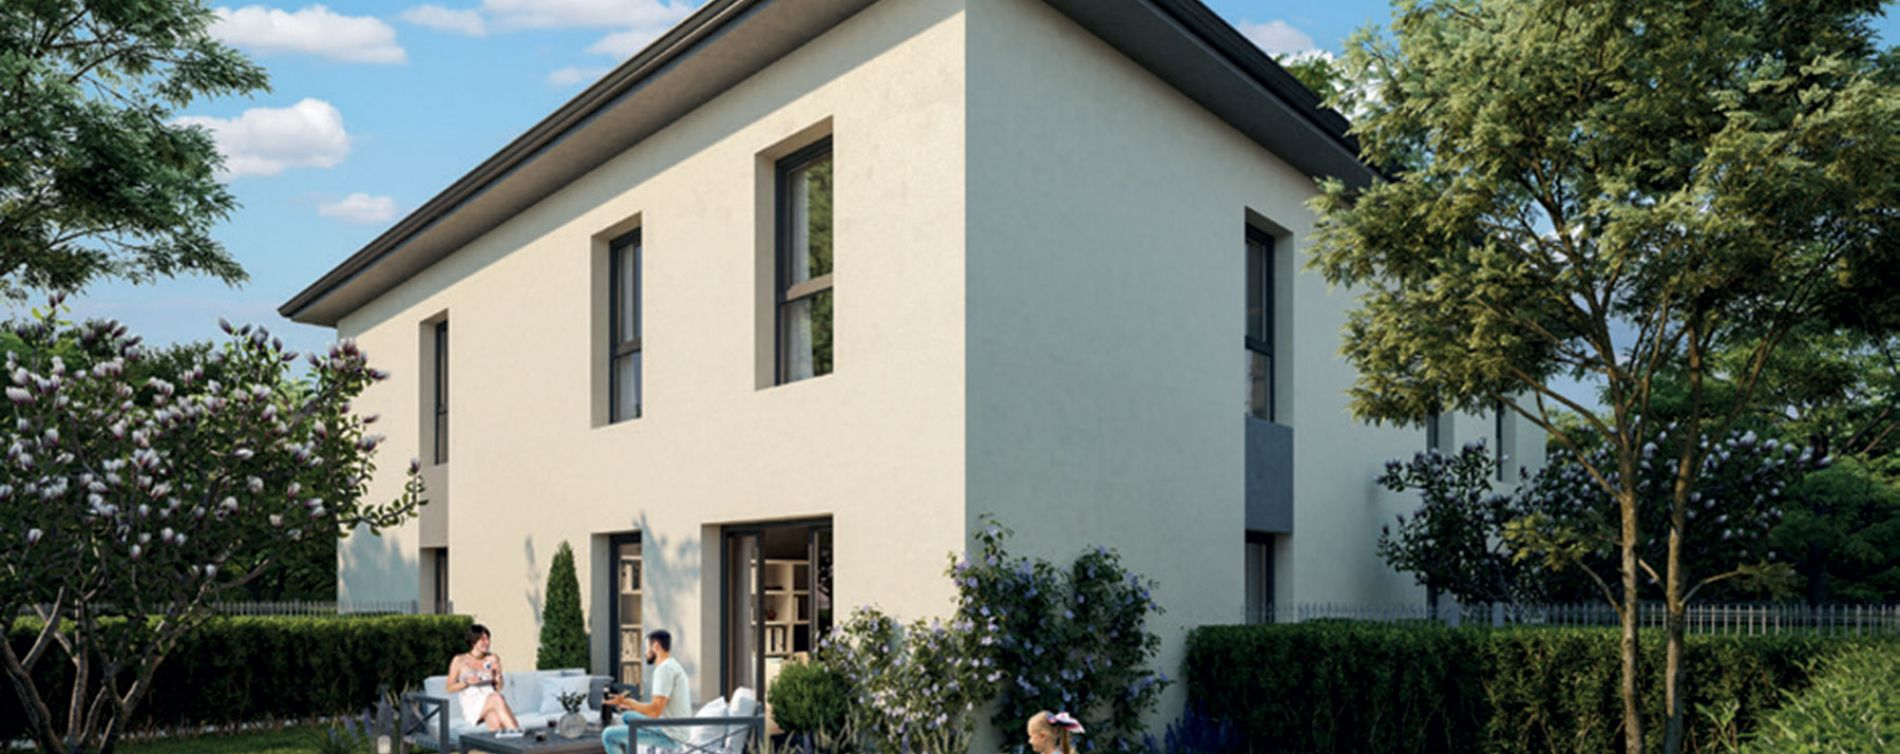 Résidence Pavillon M à Bourg-en-Bresse